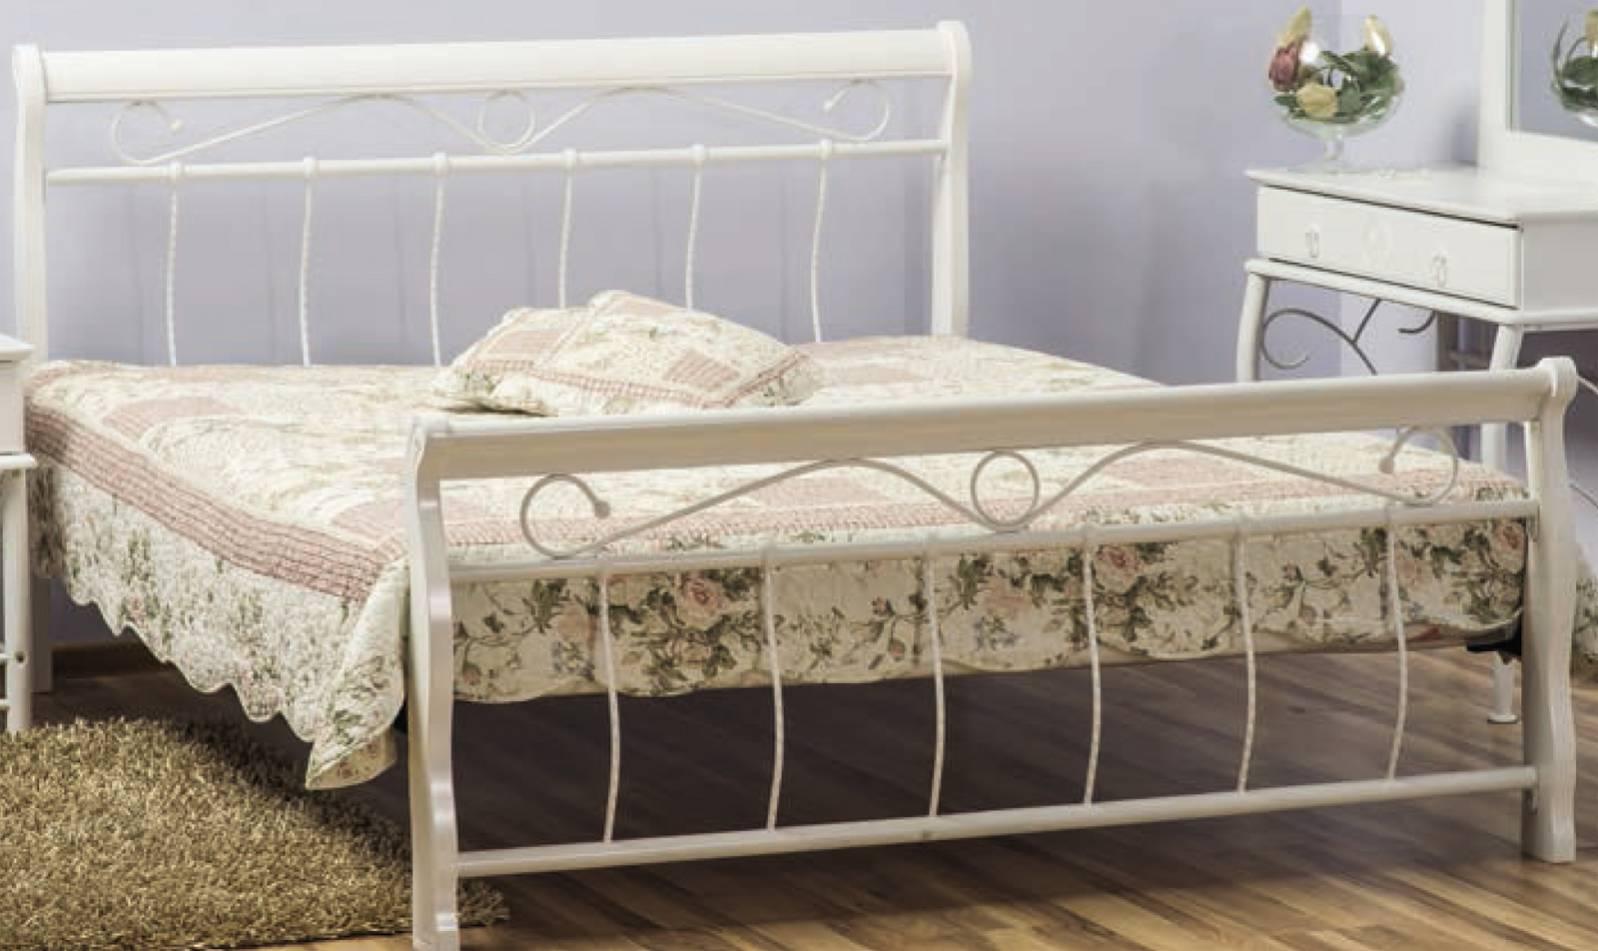 Signal Manželská posteľ VENECJA biela 160x200